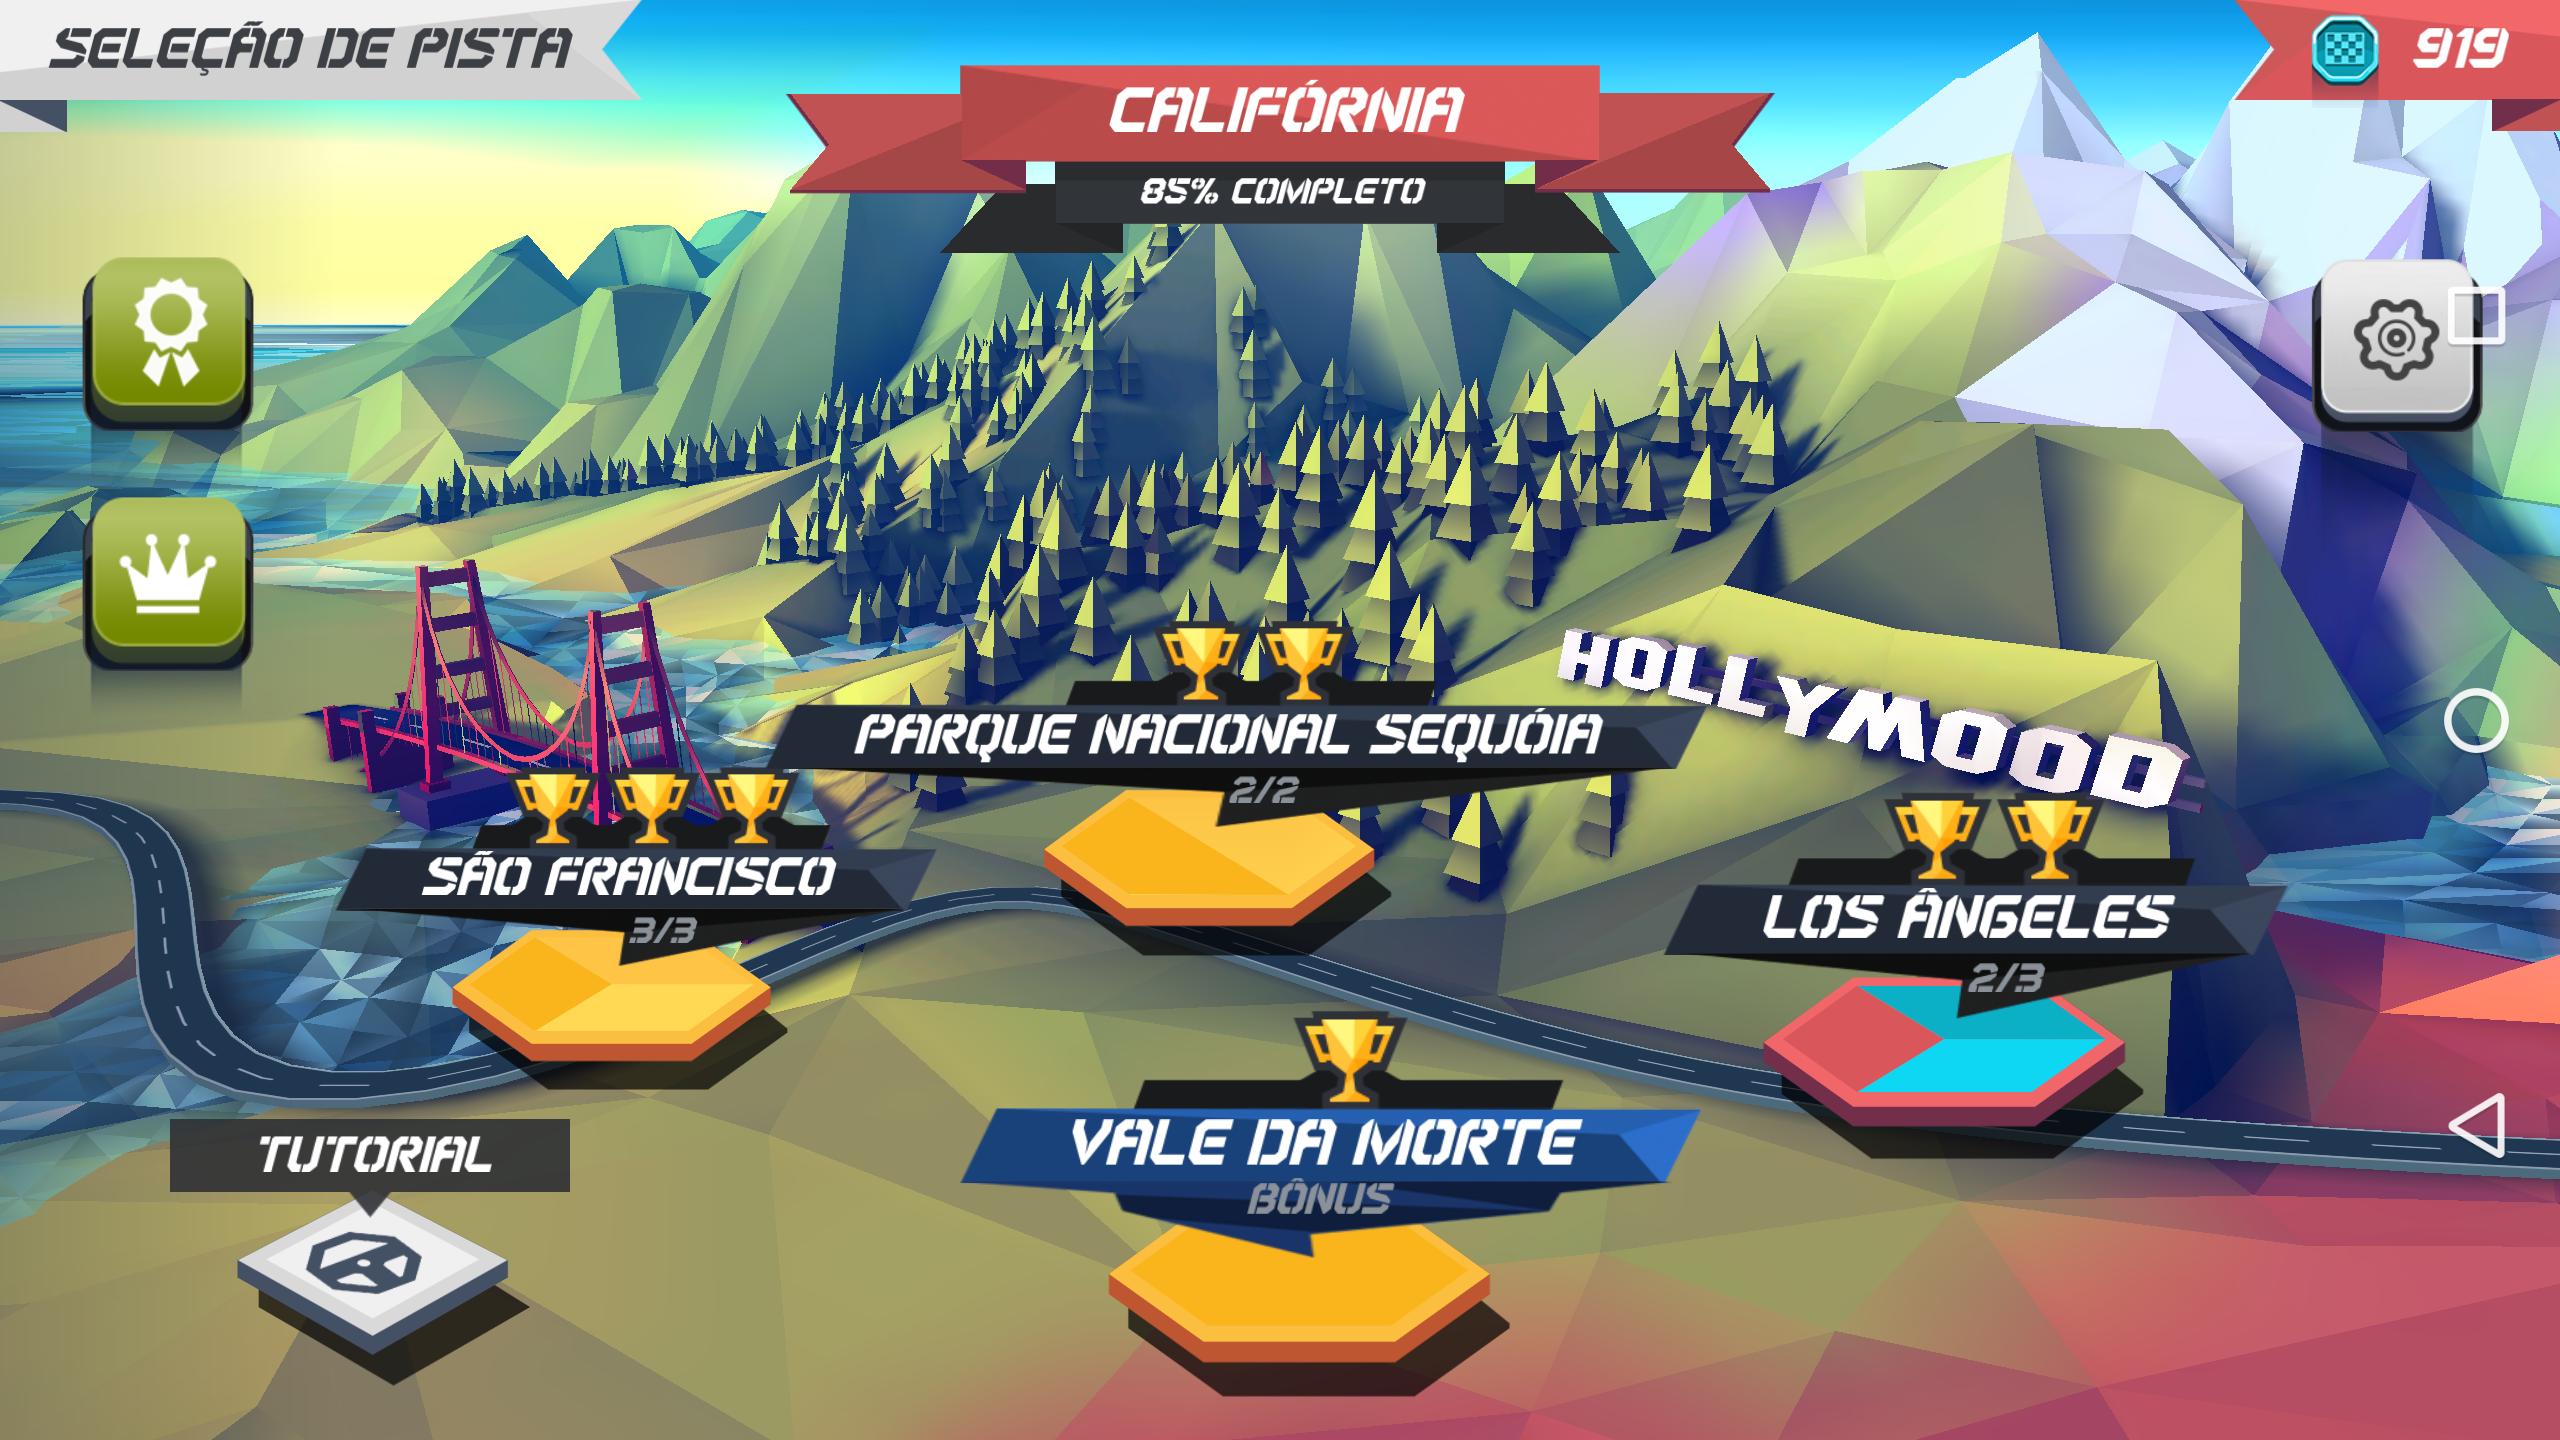 Cada etapa do jogo é representada por uma localidade do jogo onde se encontram as corridas